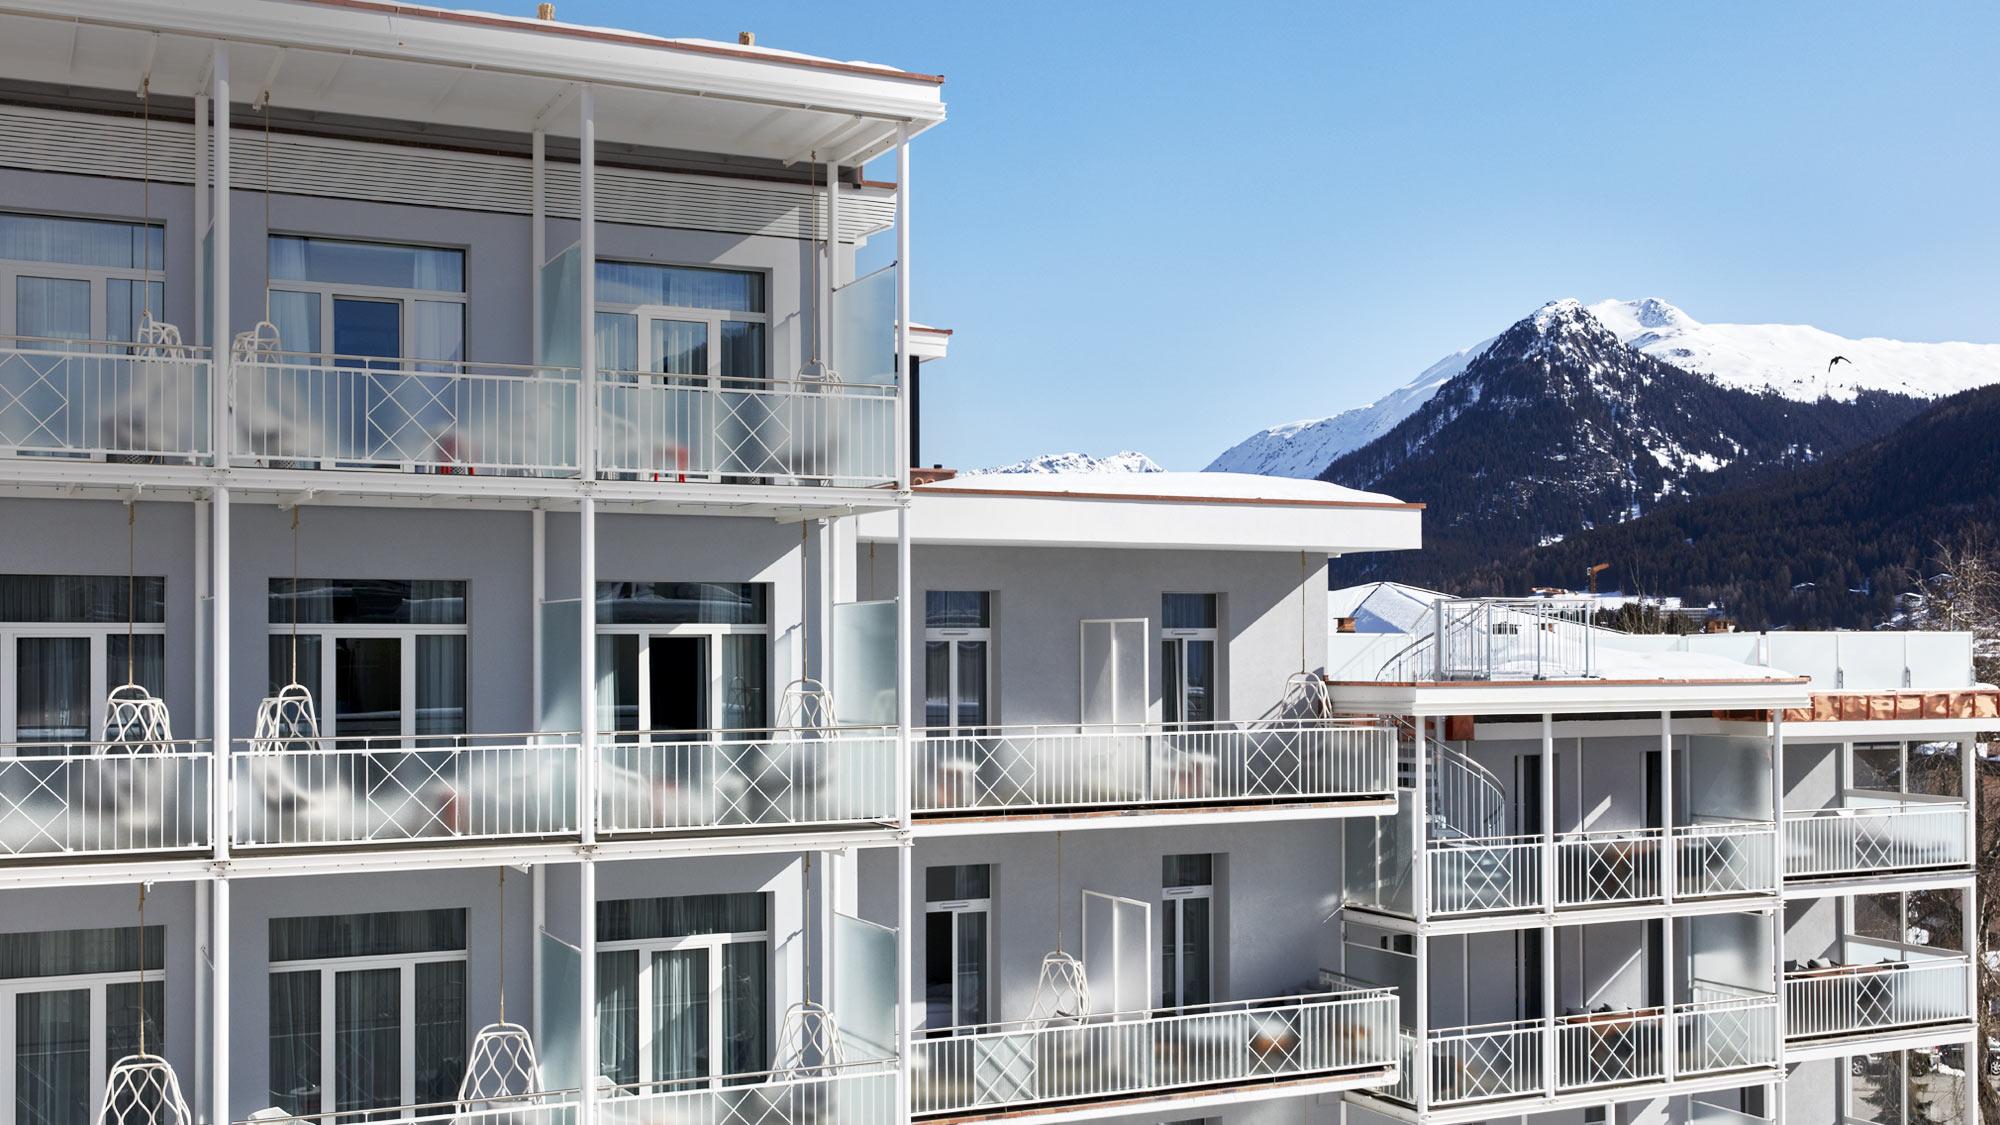 Ferienwohnung Schweiz  2O4A4219_site_2-1